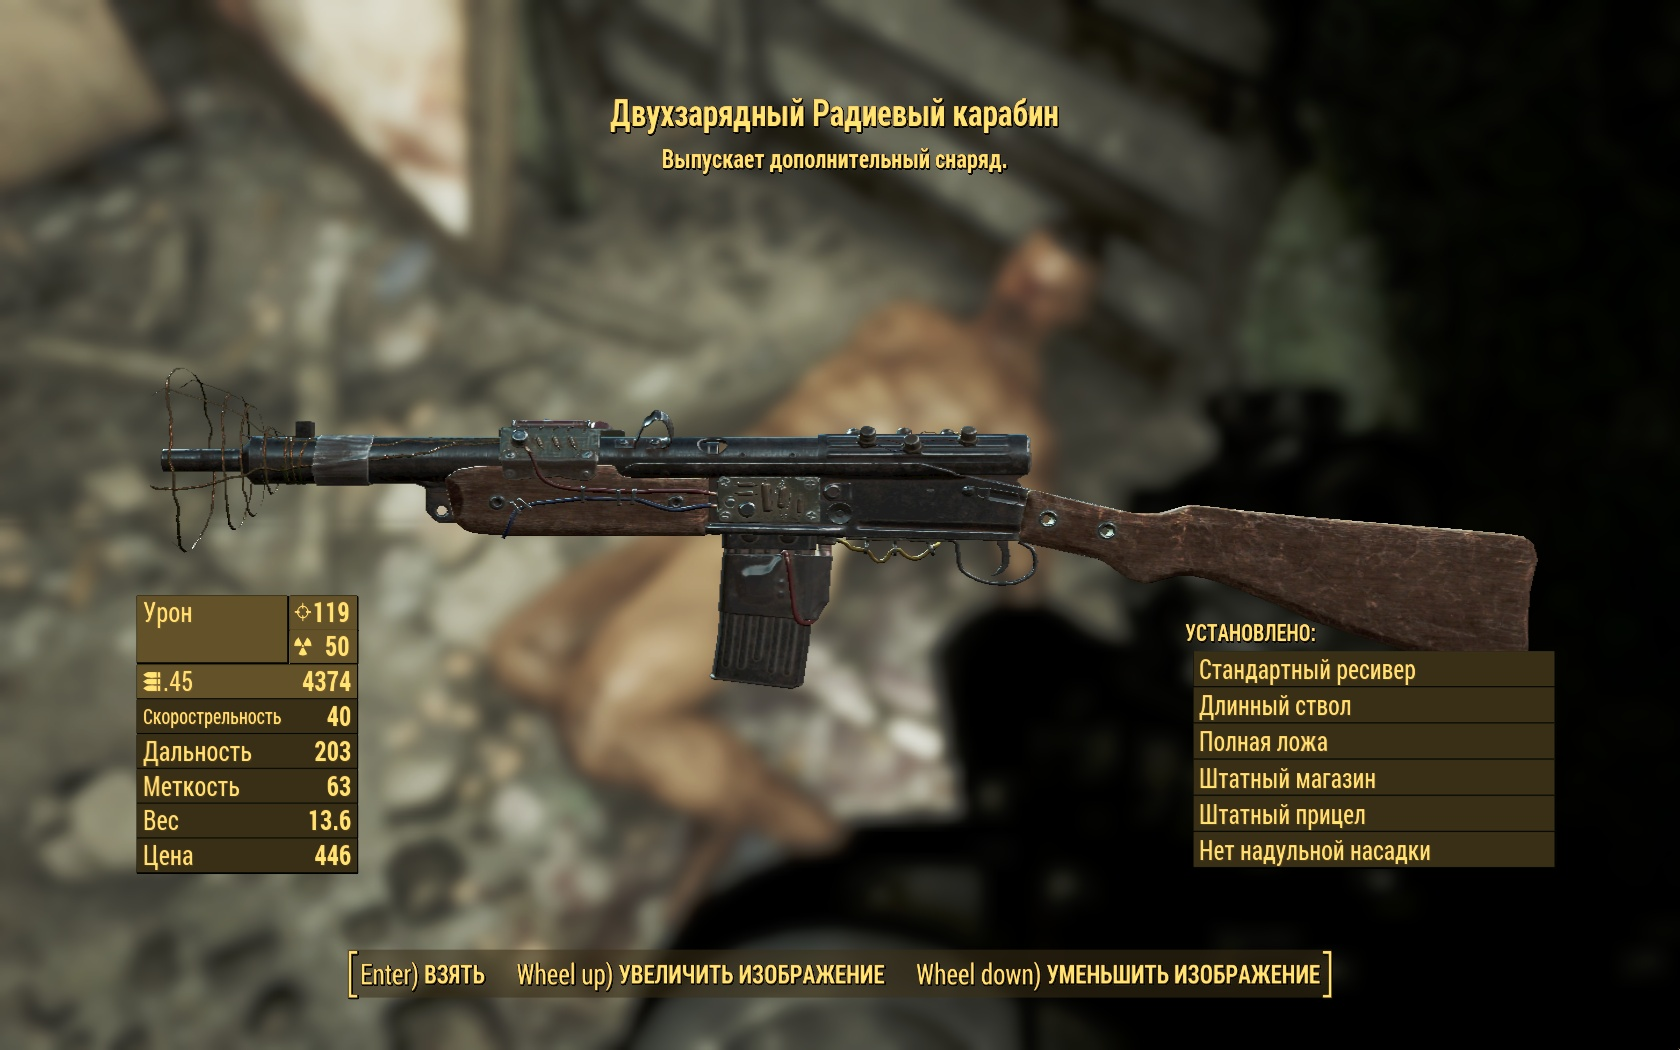 карабин - Fallout 4 Двухзарядный, Оружие, радиевый